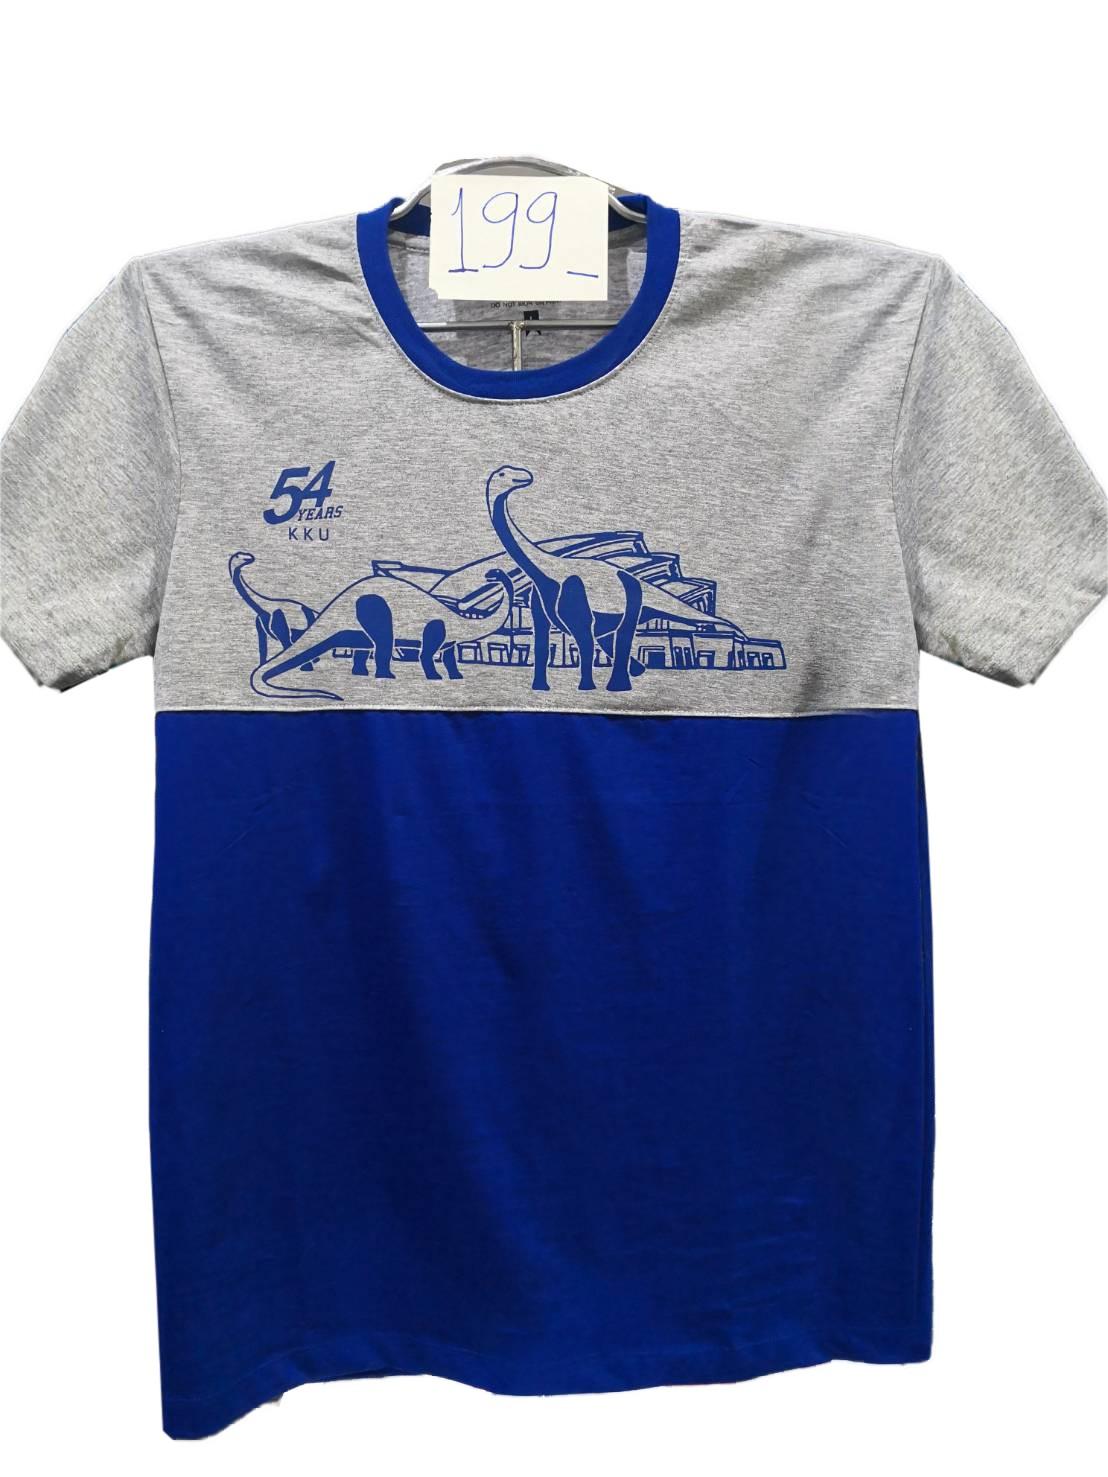 เสื้อยืด54ปีไดโนเสาร์ไซส์ XL